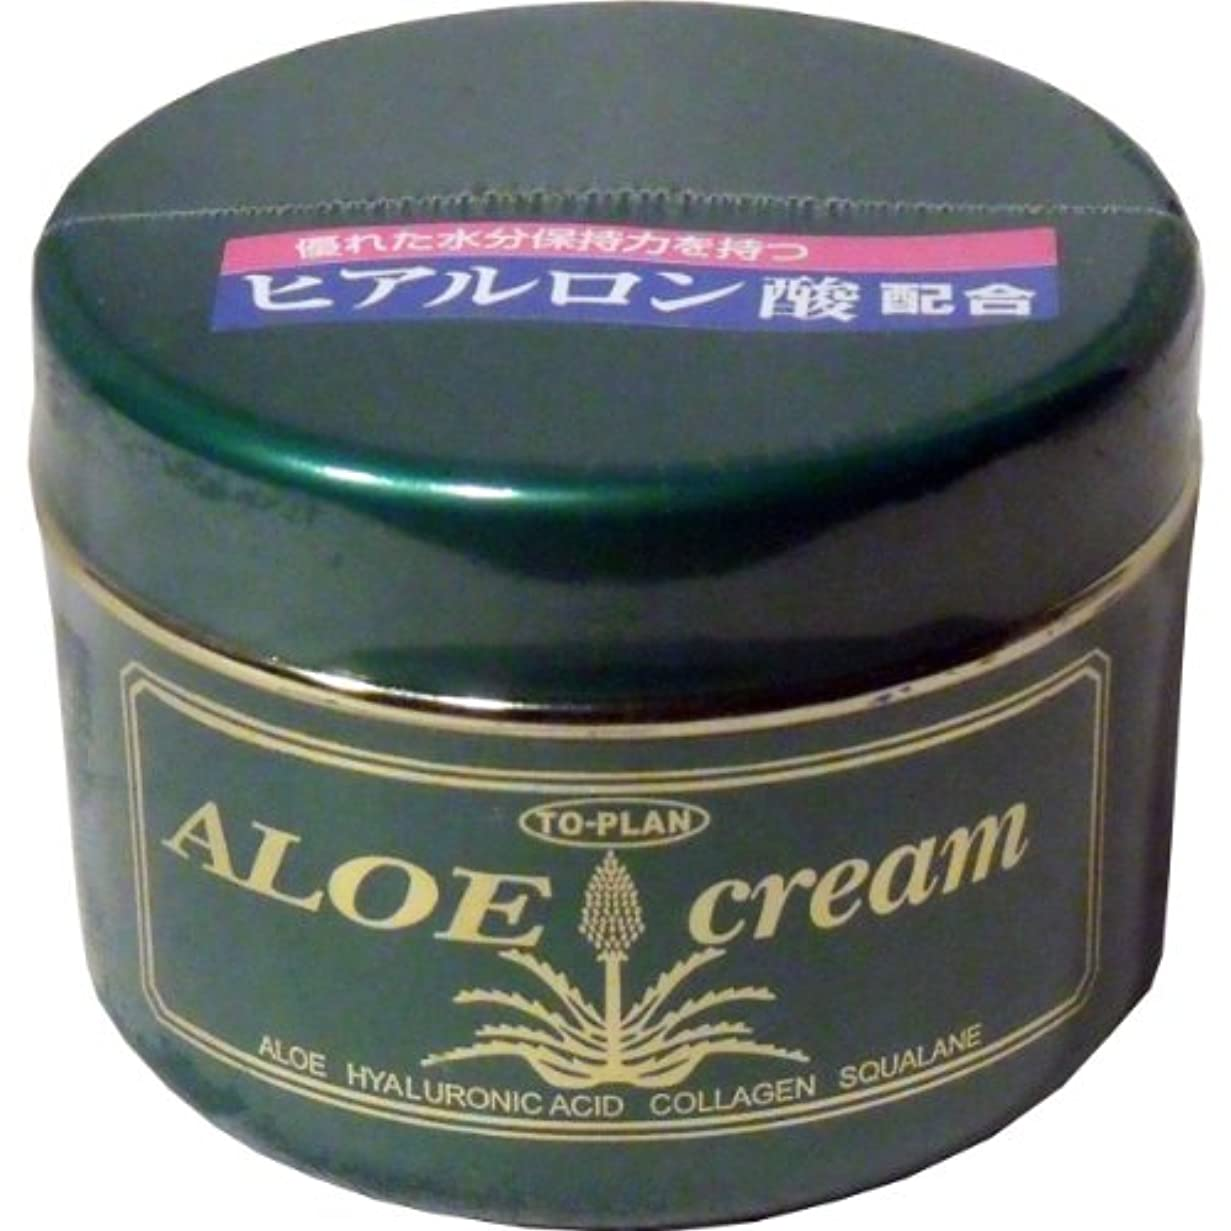 マッサージセーター起きろトプラン ハーブフレッシュクリーム(アロエクリーム) ヒアルロン酸 170g